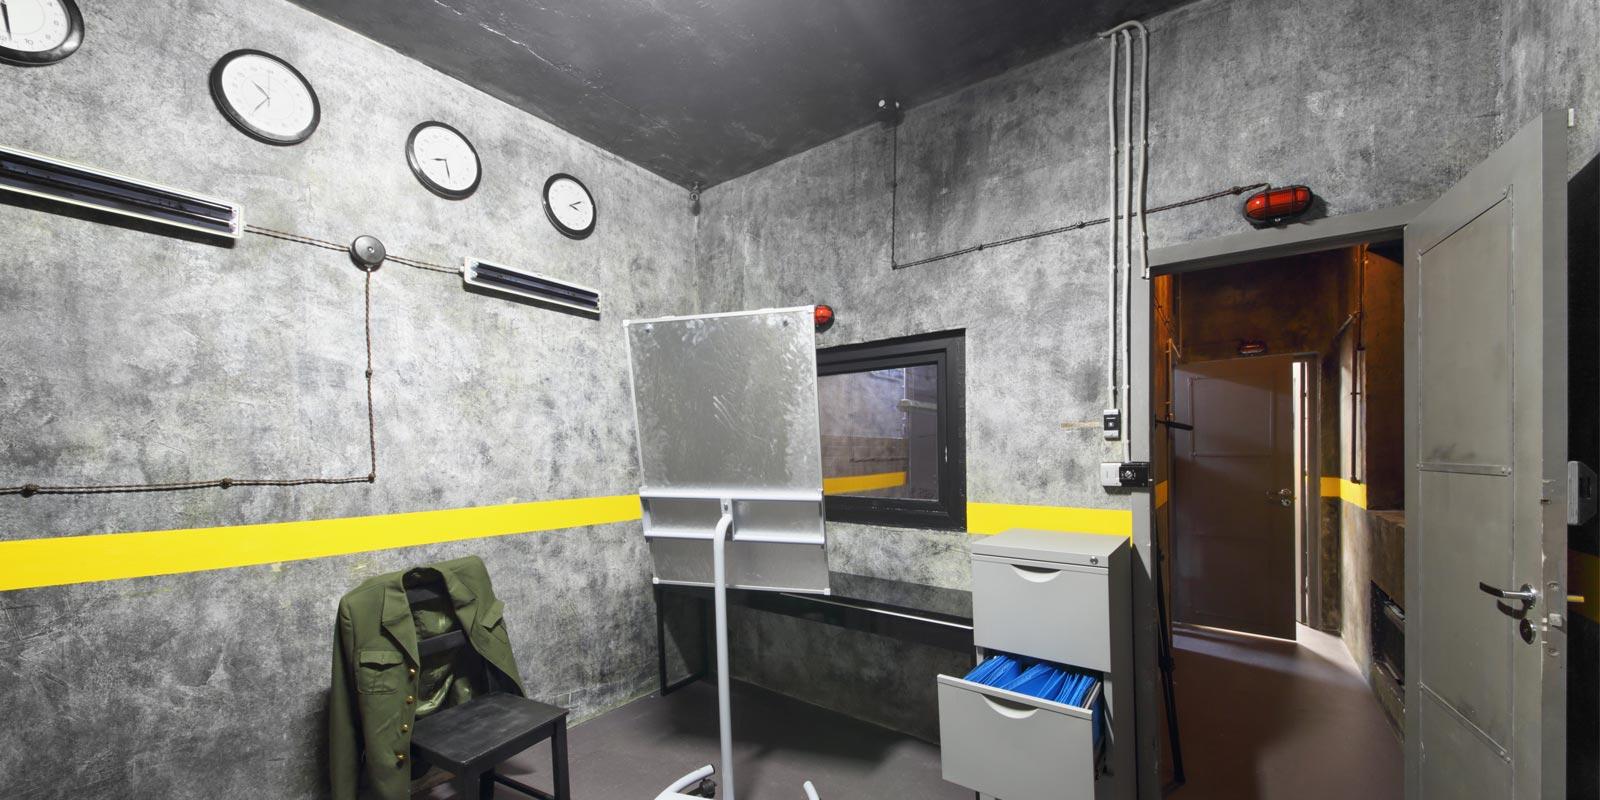 a Northern Virginia escape room